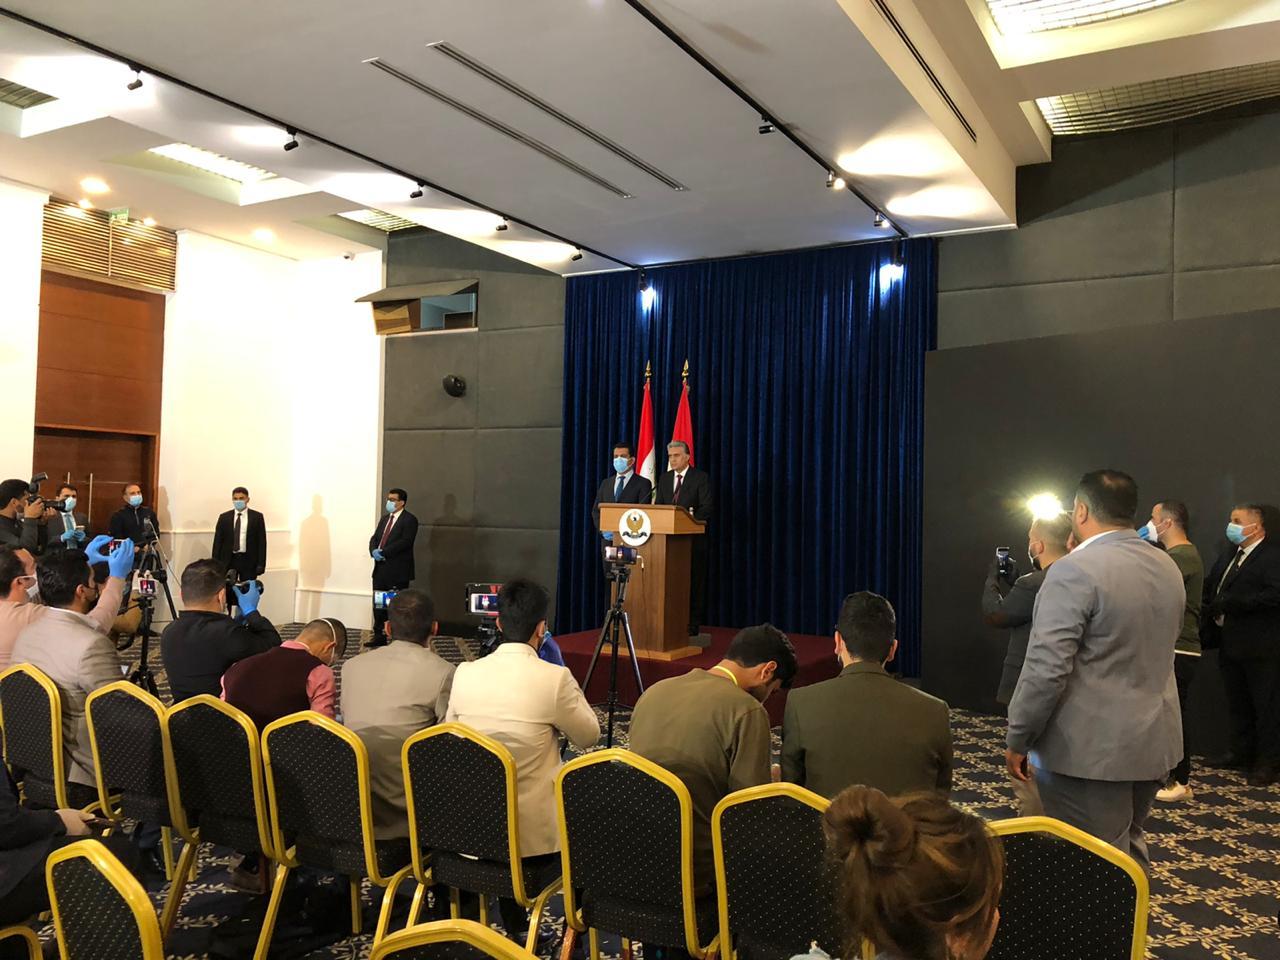 وزير داخلية الاقليم يعلن اسباب الحظر التام: بعض المواطنين لم يستوعبوا مخاطر الفيروس